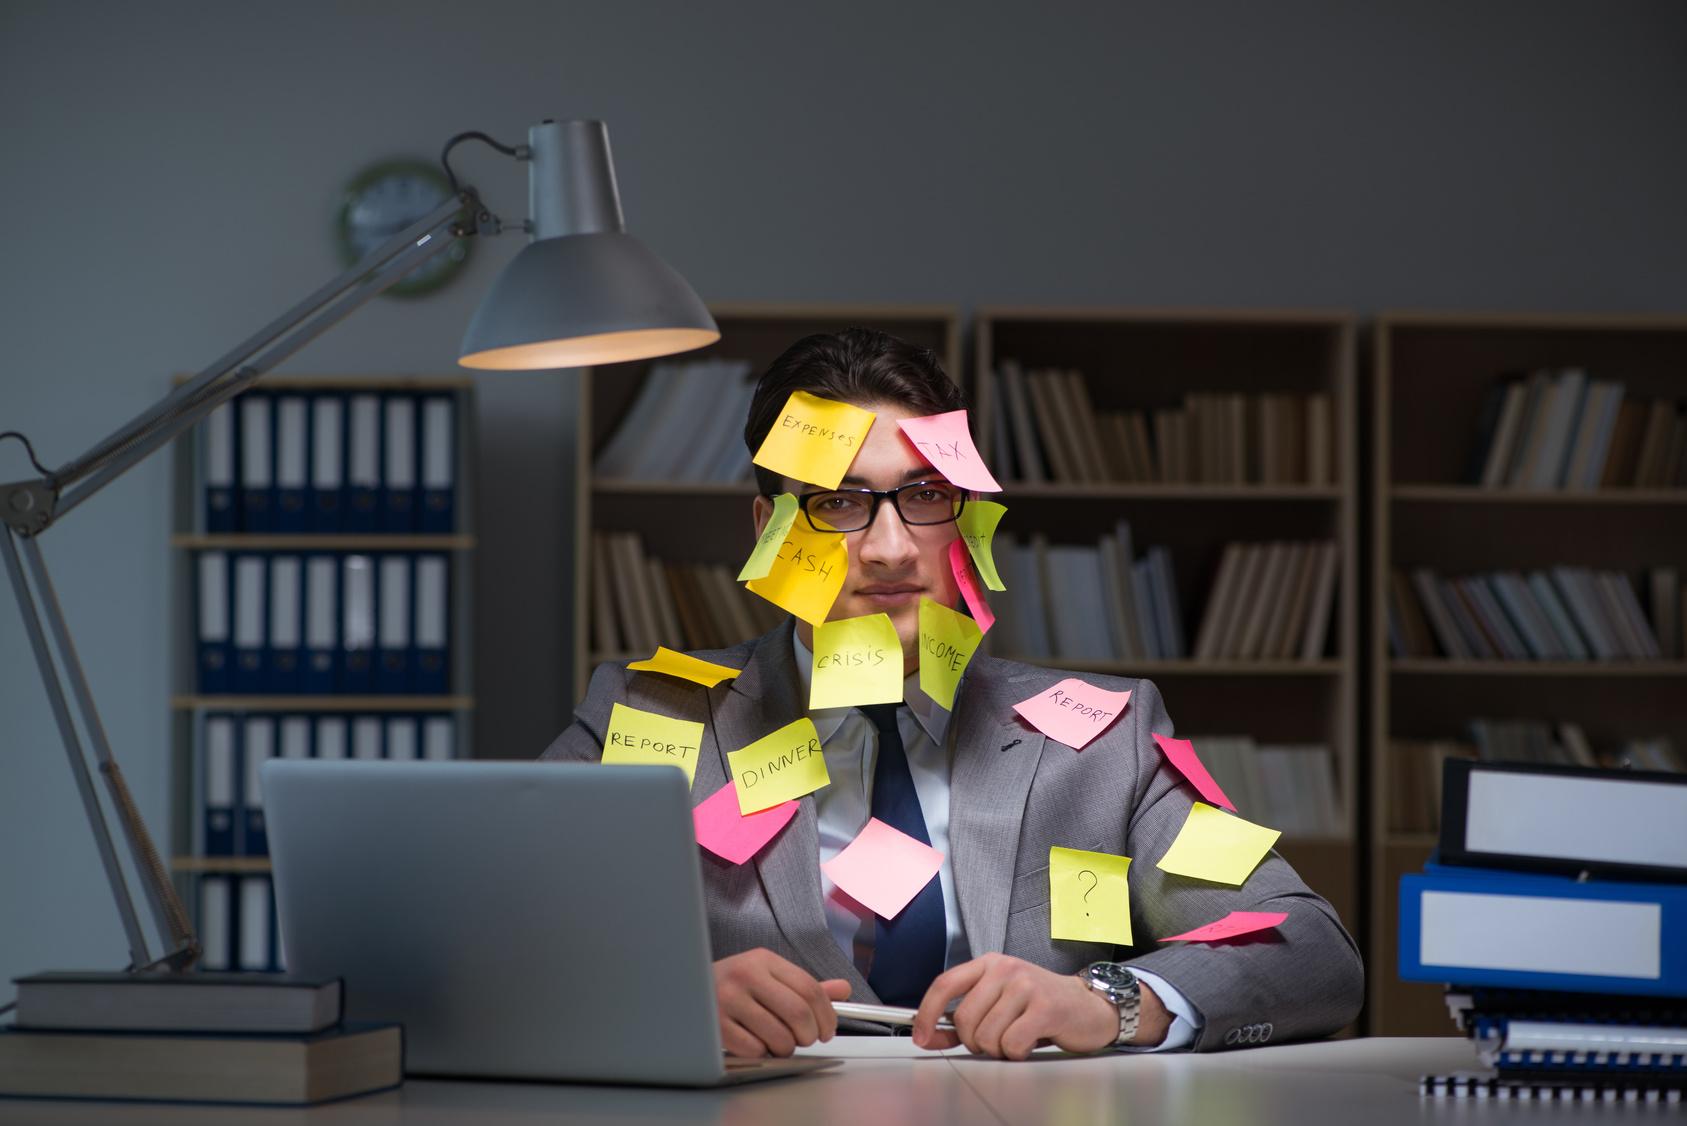 psychische Belastung am Arbeitsplatz durch zeitliche Puffer vorbeugen